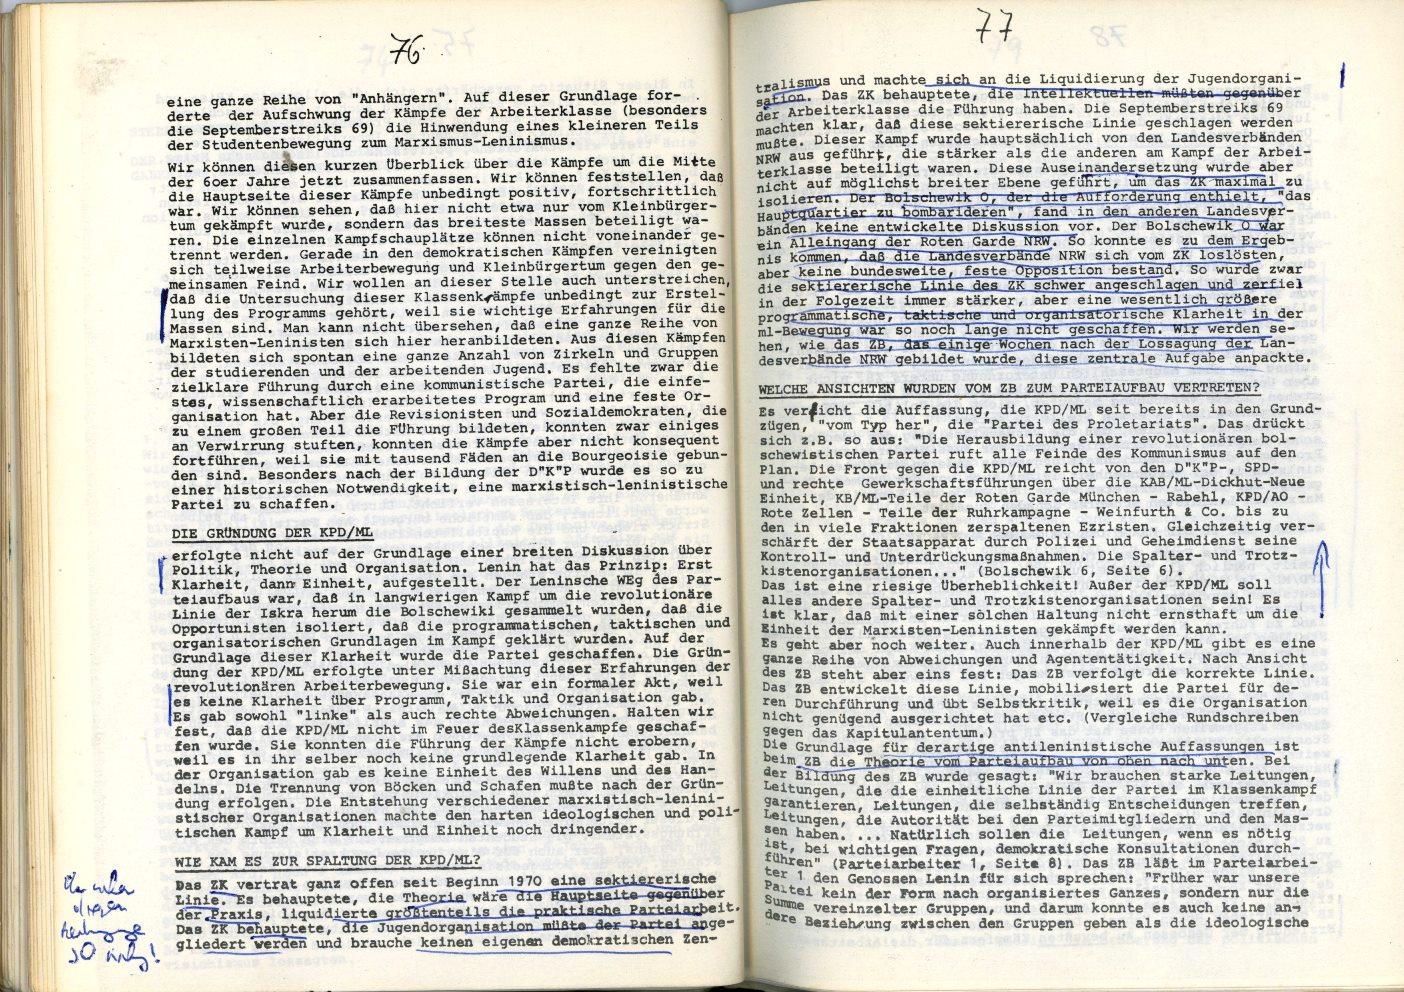 ZB_1972_Diskussionsorgan_zur_ersten_Parteikonferenz_42